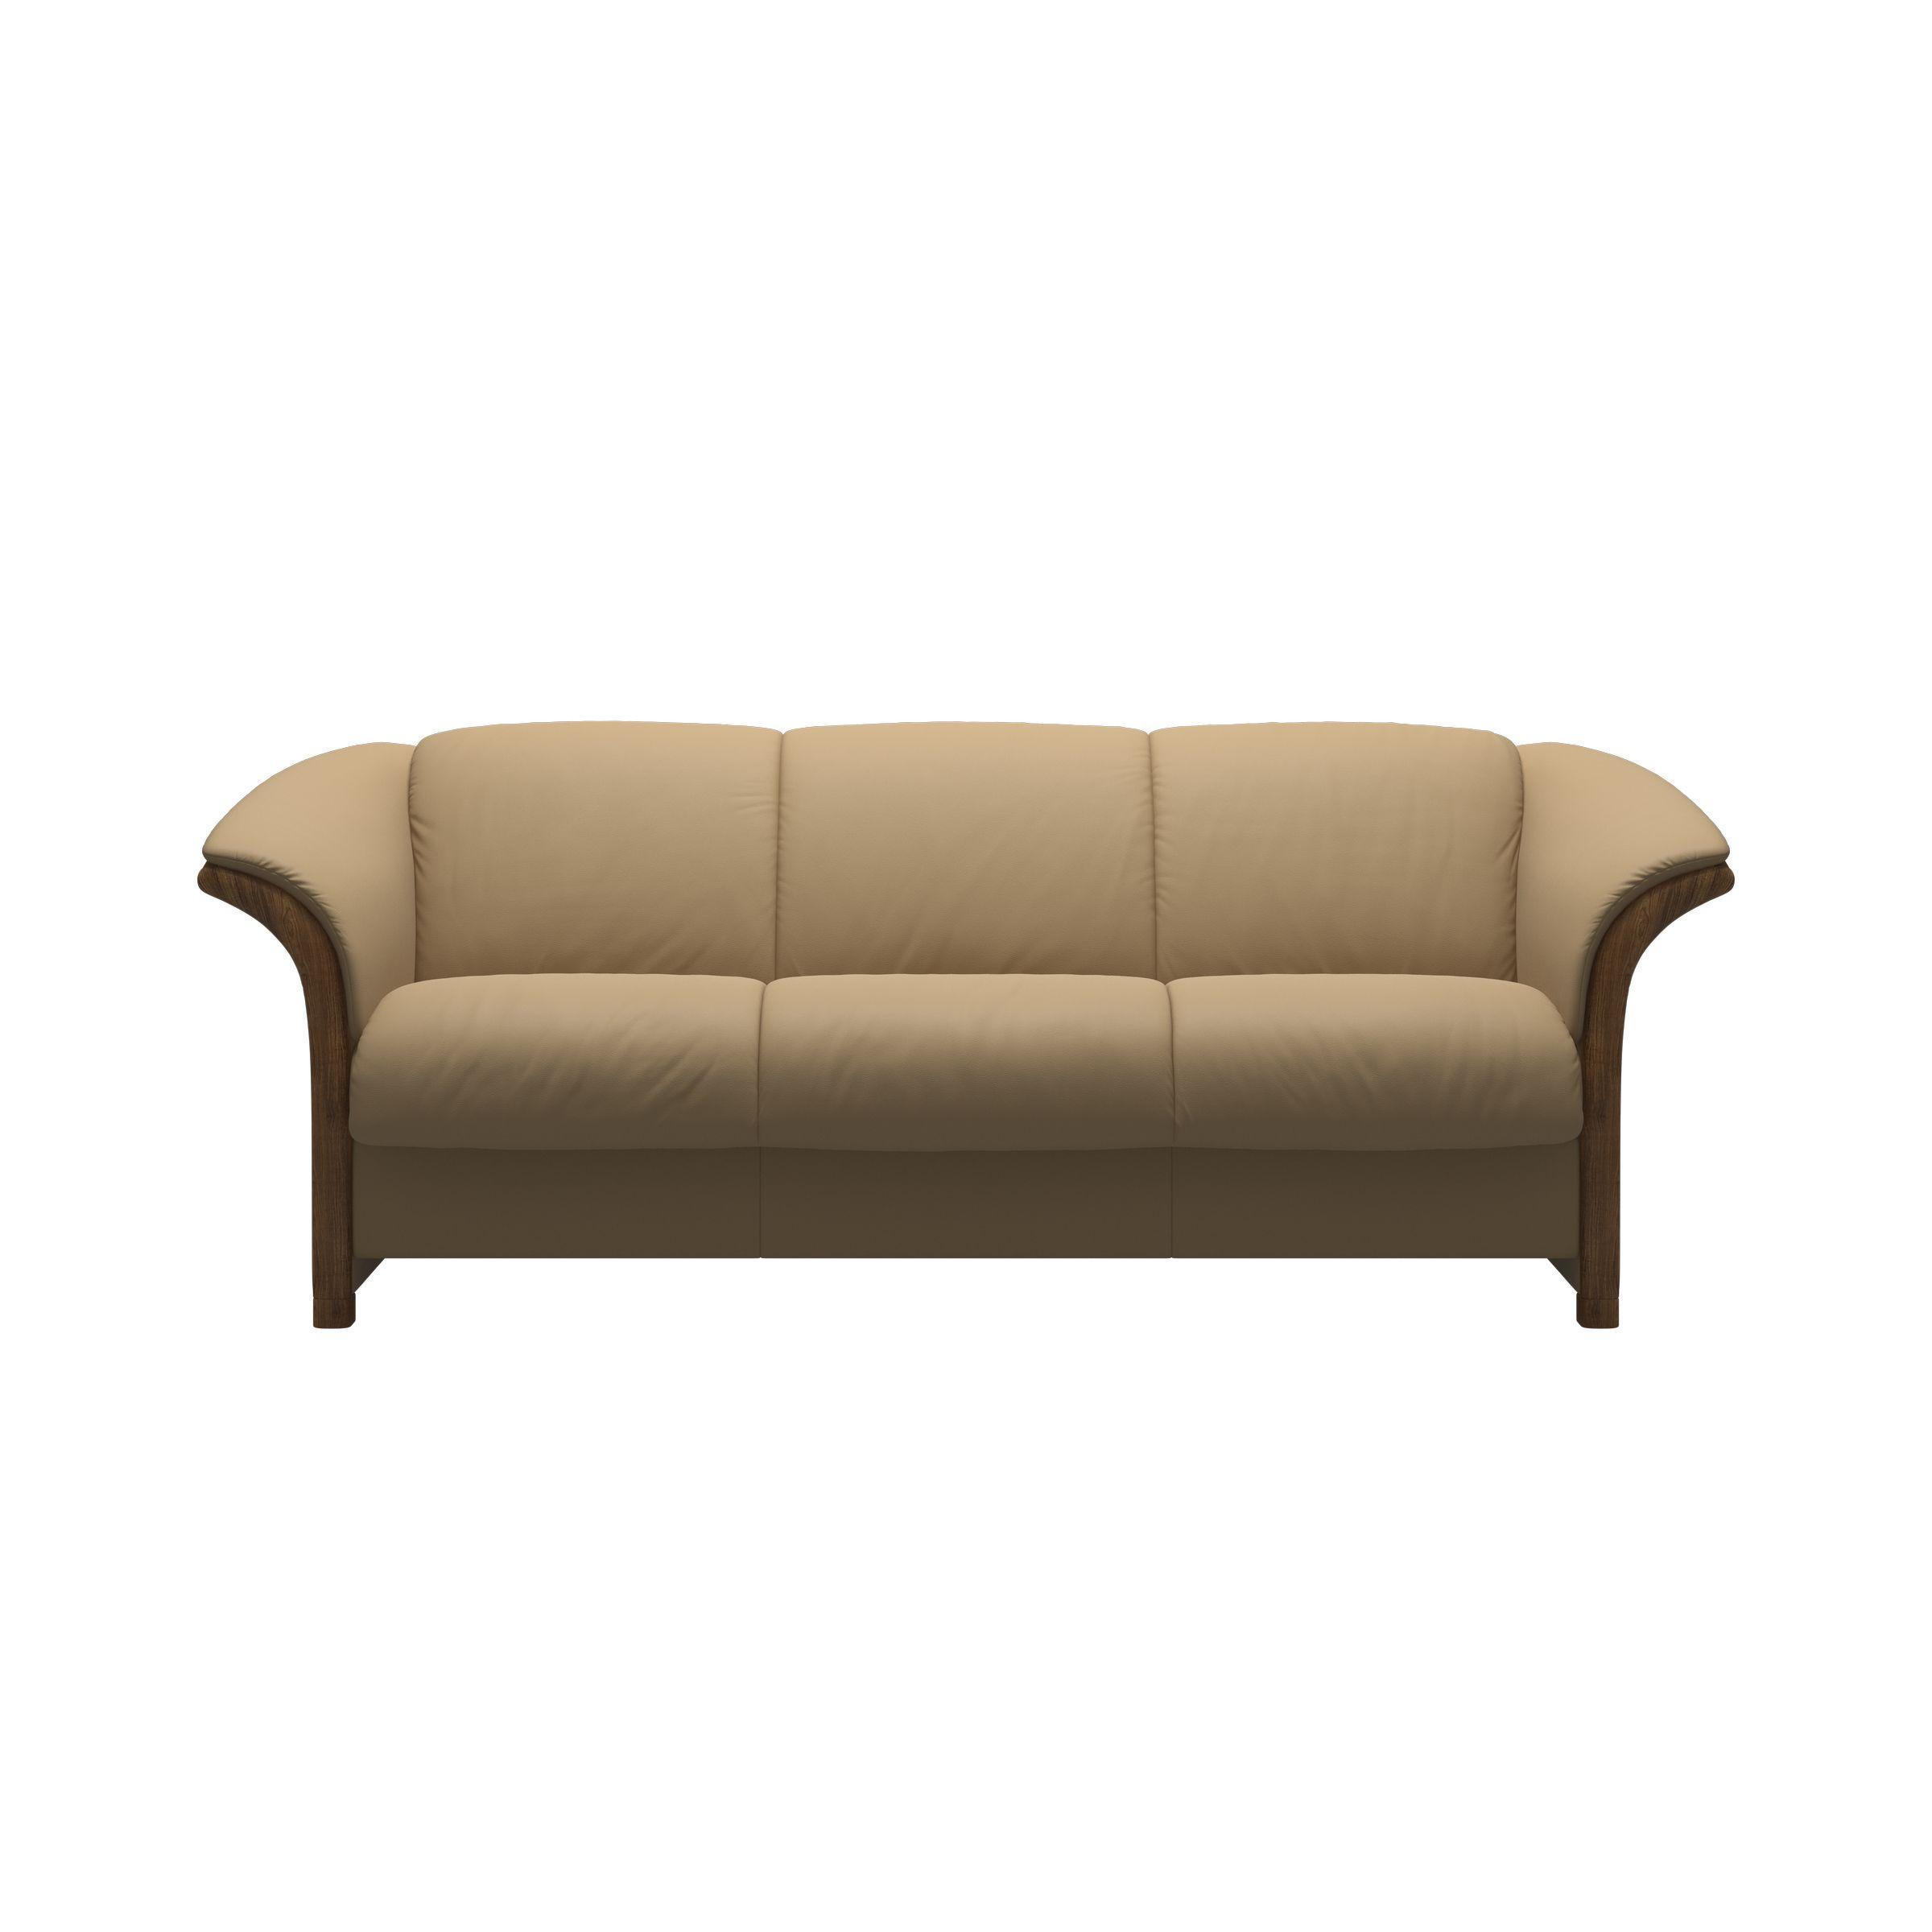 Stressless By EkornesEkornes Collection Manhattan Sofa